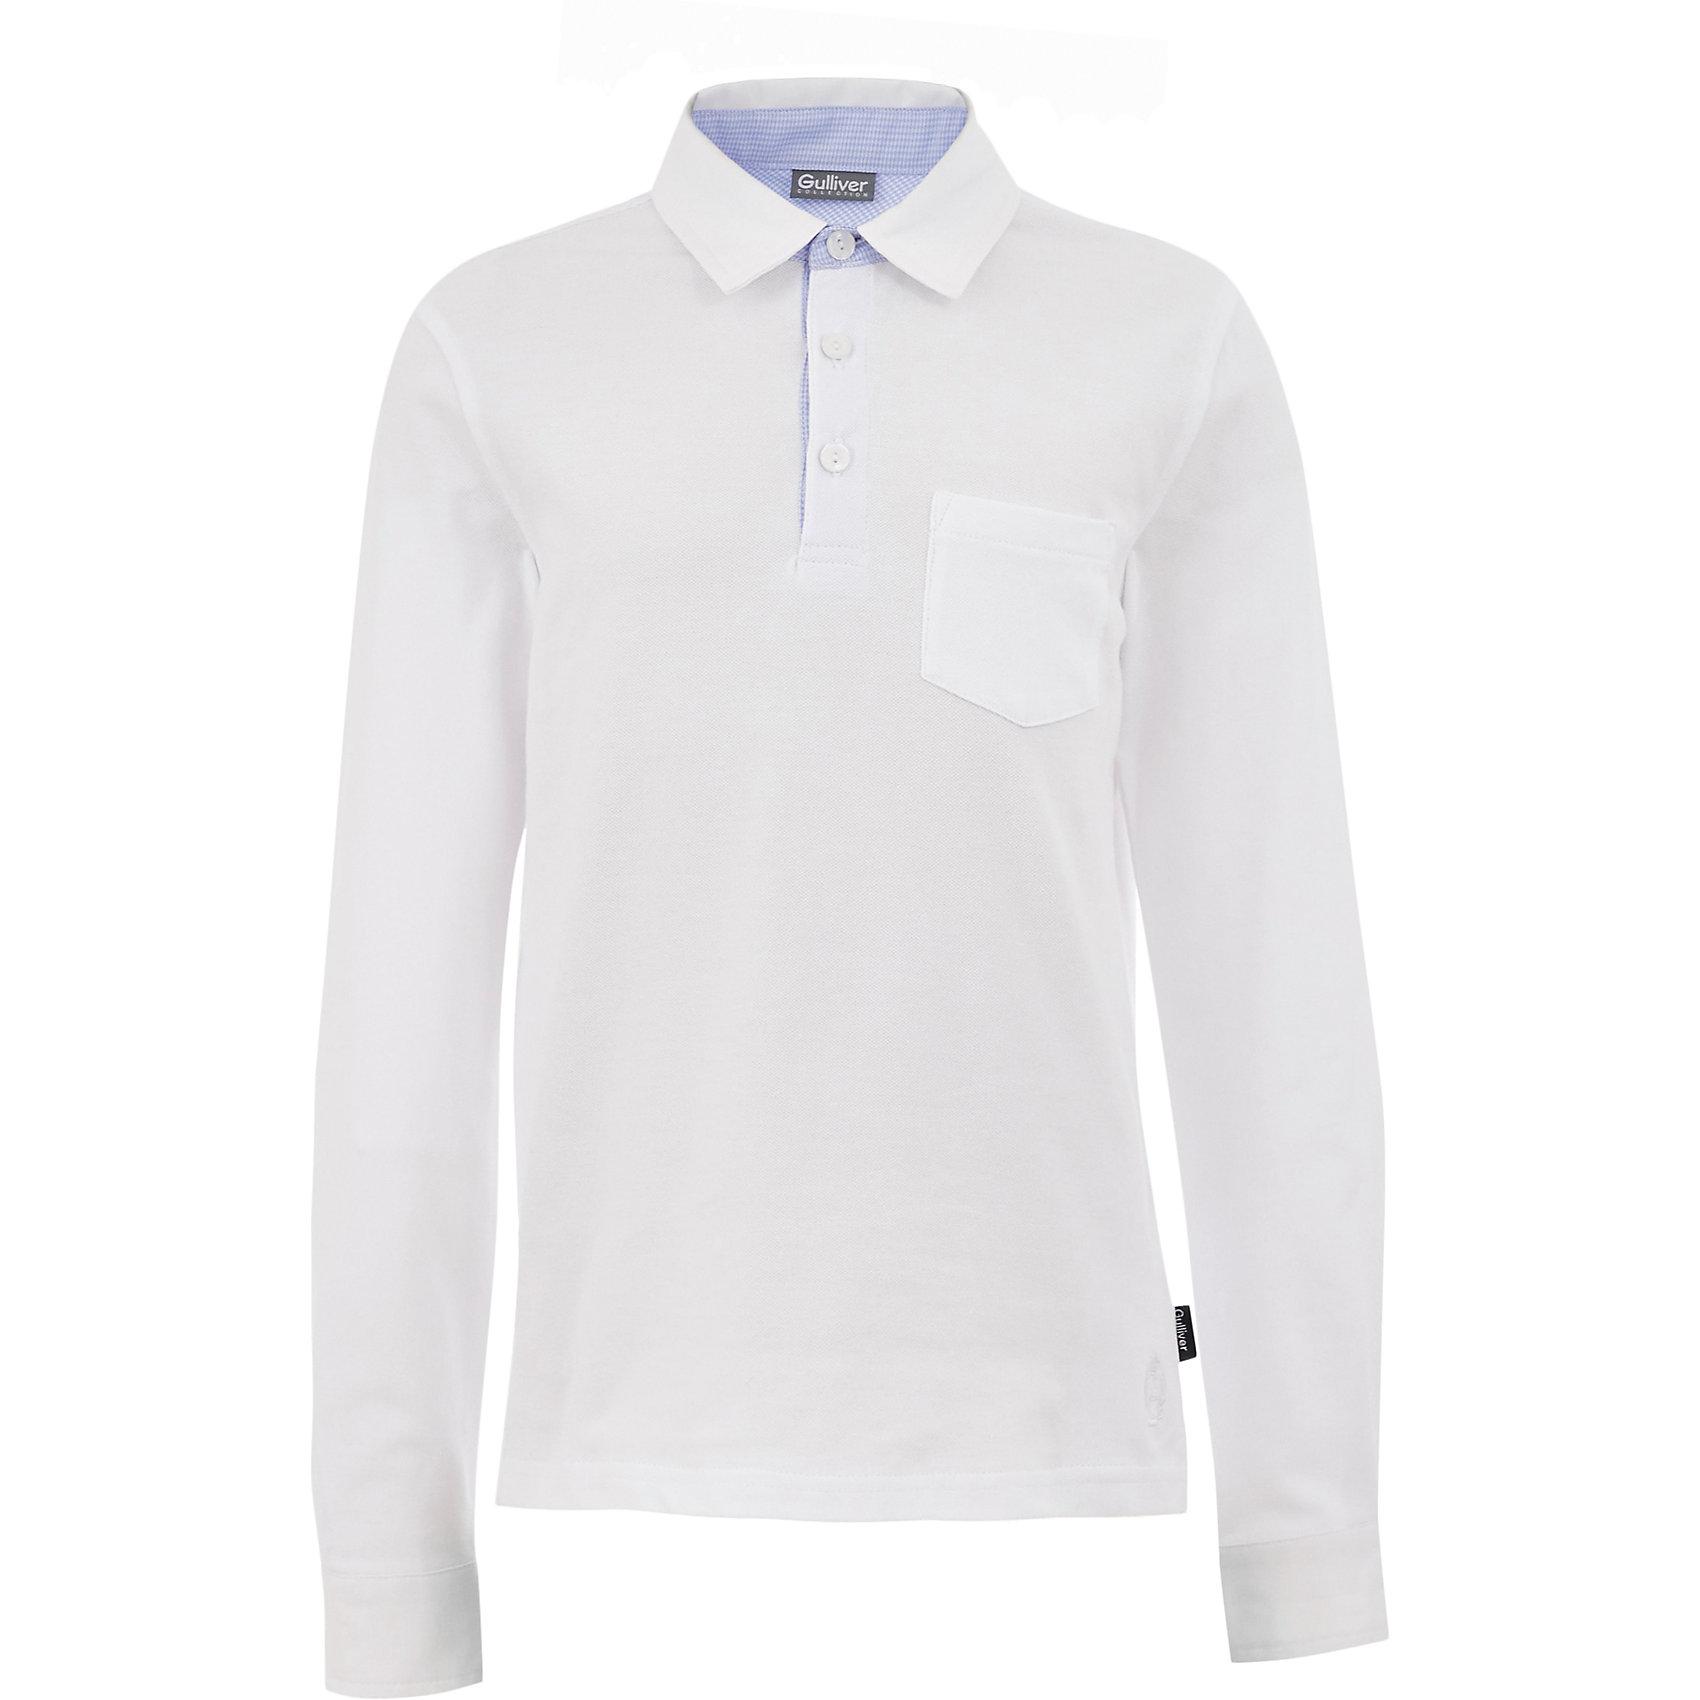 Рубашка-поло для мальчика GulliverБлузки и рубашки<br>Характеристики товара:<br><br>• цвет: белый<br>• состав: 95% хлопок, 5% эластан <br>• сезон: демисезон<br>• особенности: школьная, повседневная<br>• эластичный мягкий трикотаж<br>• нагрудный карман<br>• застежки: пуговицы<br>• воротник-поло<br>• страна бренда: Российская Федерация<br>• страна производства: Российская Федерация<br><br>Однотонная рубашка-поло для мальчика. Текстильный воротник и манжеты, отделочные детали, лаконичная вышивка придают изделию индивидуальность. Школьная рубашка-поло с нагрудным карманом, застегивается на три пуговицы у ворота.<br><br>Футболку-поло для мальчика Gulliver (Гулливер) можно купить в нашем интернет-магазине.<br><br>Ширина мм: 199<br>Глубина мм: 10<br>Высота мм: 161<br>Вес г: 151<br>Цвет: белый<br>Возраст от месяцев: 72<br>Возраст до месяцев: 84<br>Пол: Мужской<br>Возраст: Детский<br>Размер: 122,170,128,134,140,146,152,158,164<br>SKU: 6678226